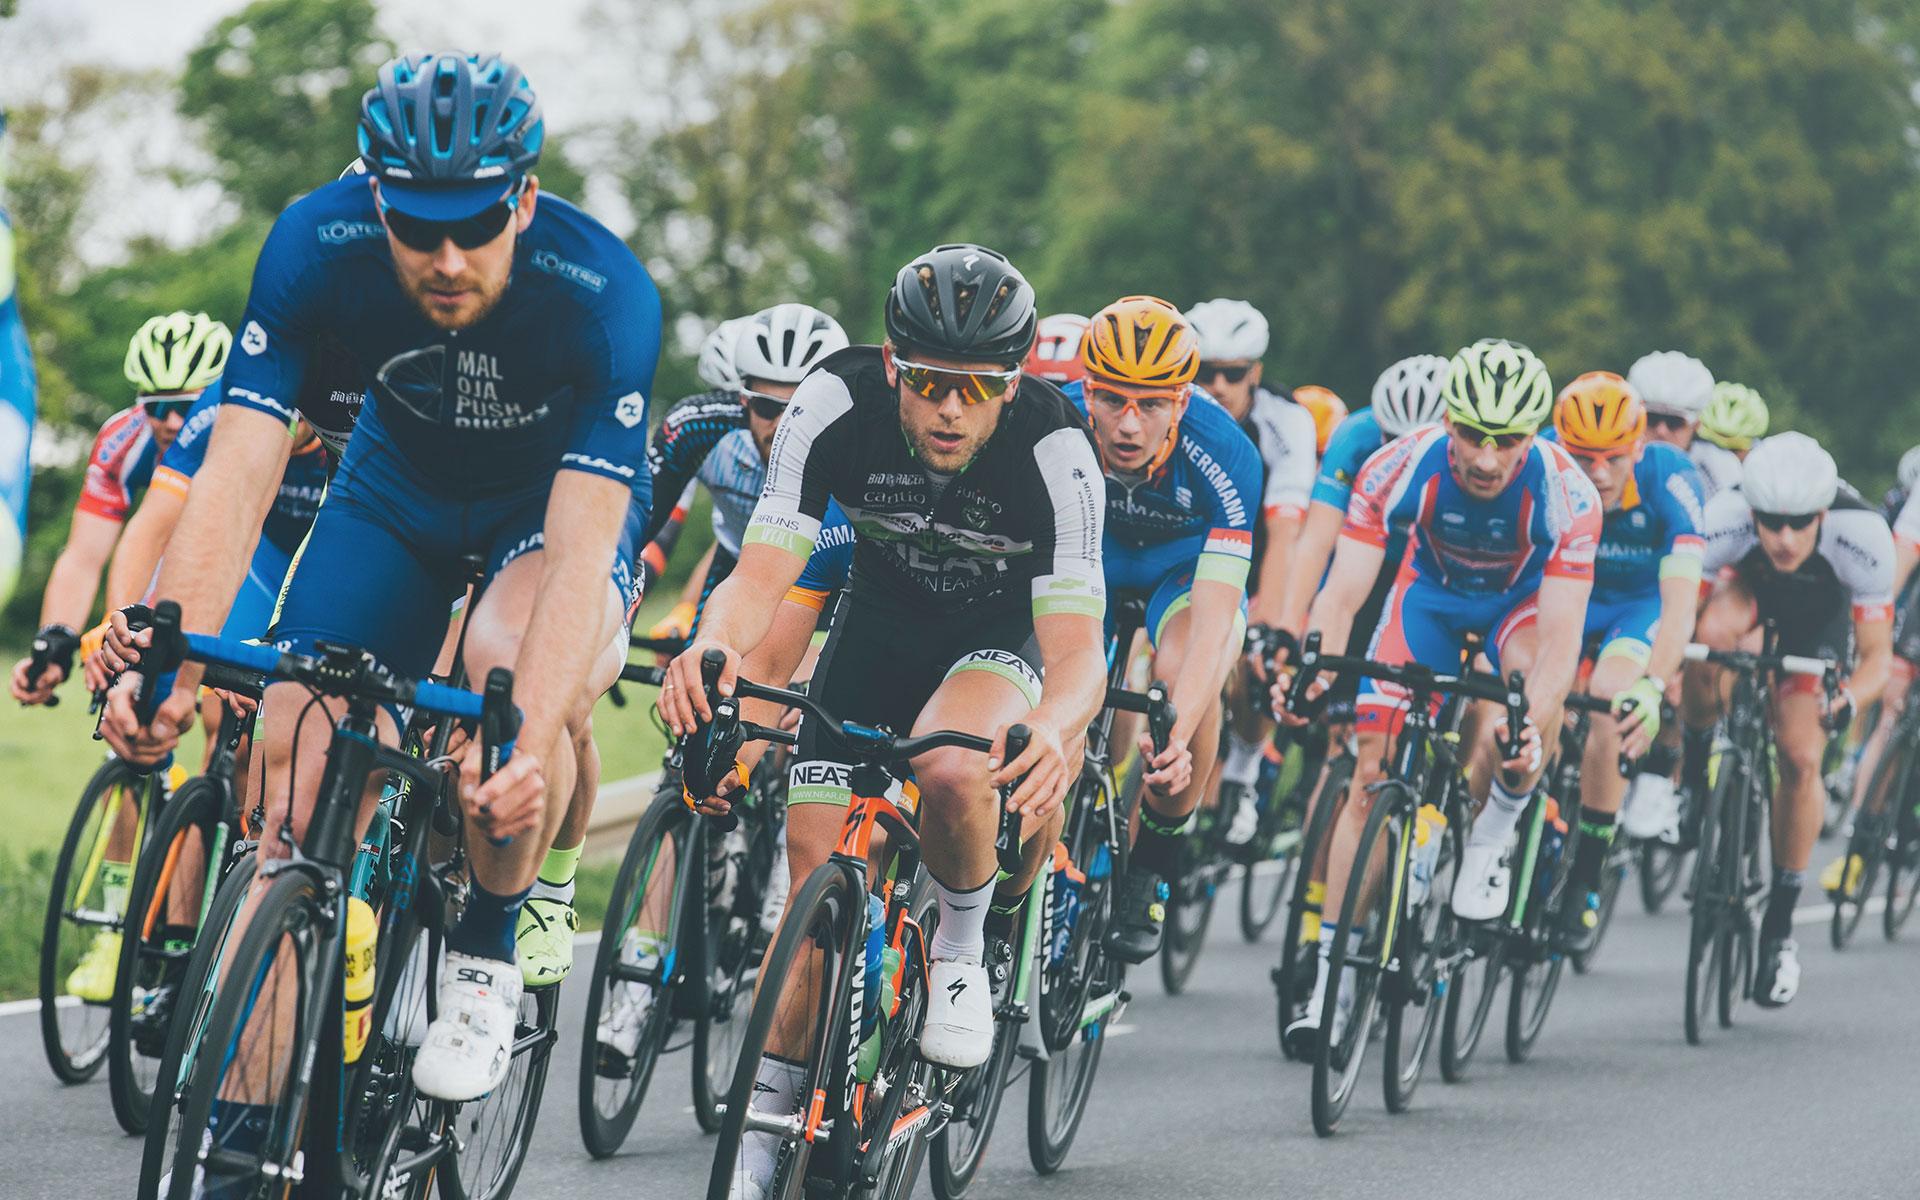 La Chiropratica Sanrocco per i ciclisti